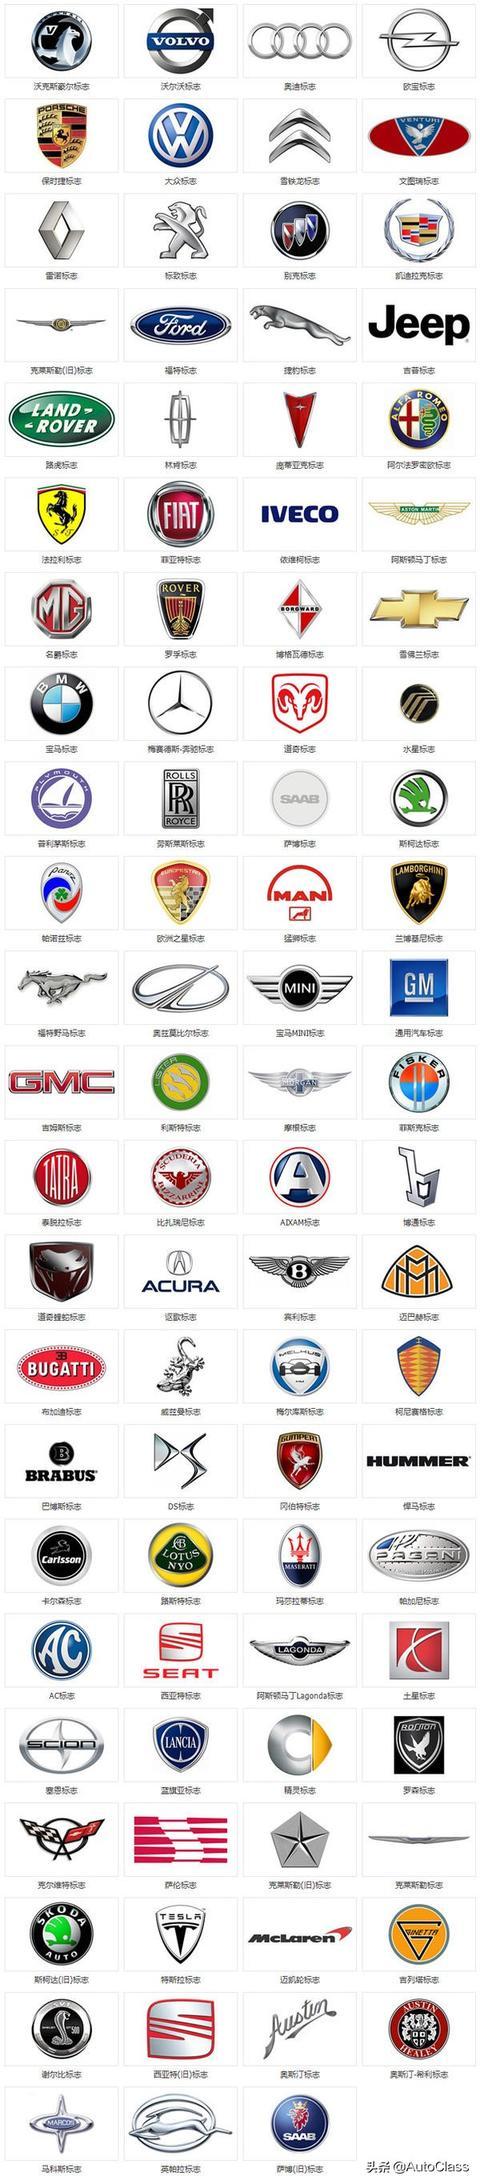 超全!364种汽车标志,据说很少有人能认全